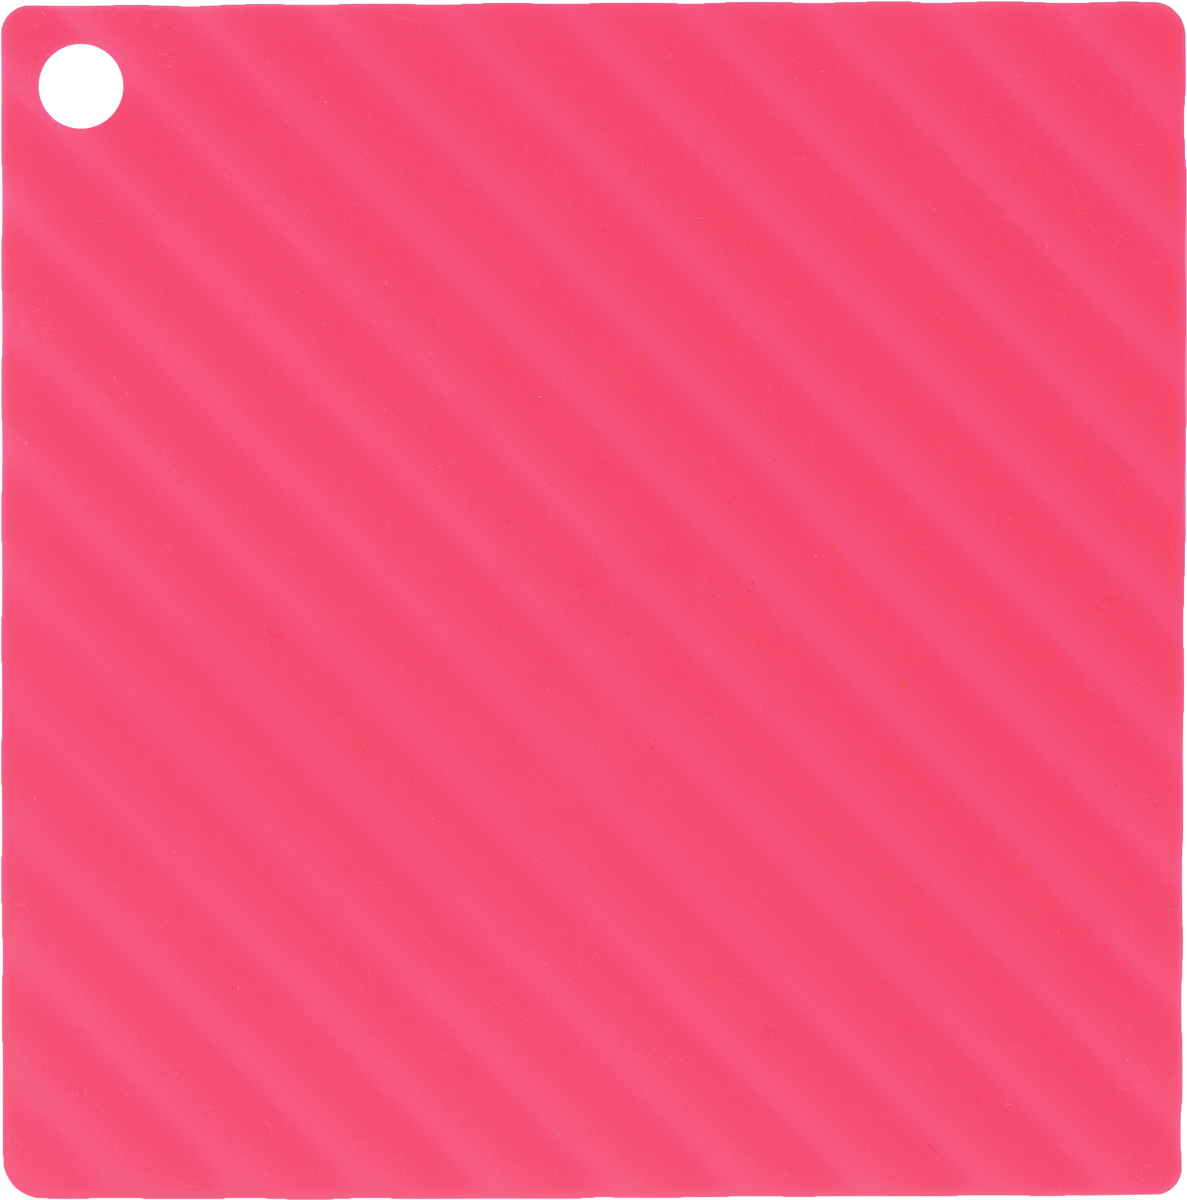 Подставка термостойкая Marmiton, 14,5 х 14,5 см салфетка для сервировки стола marmiton термостойкая подставка складная marmiton красный 21 6х21 6х1 см